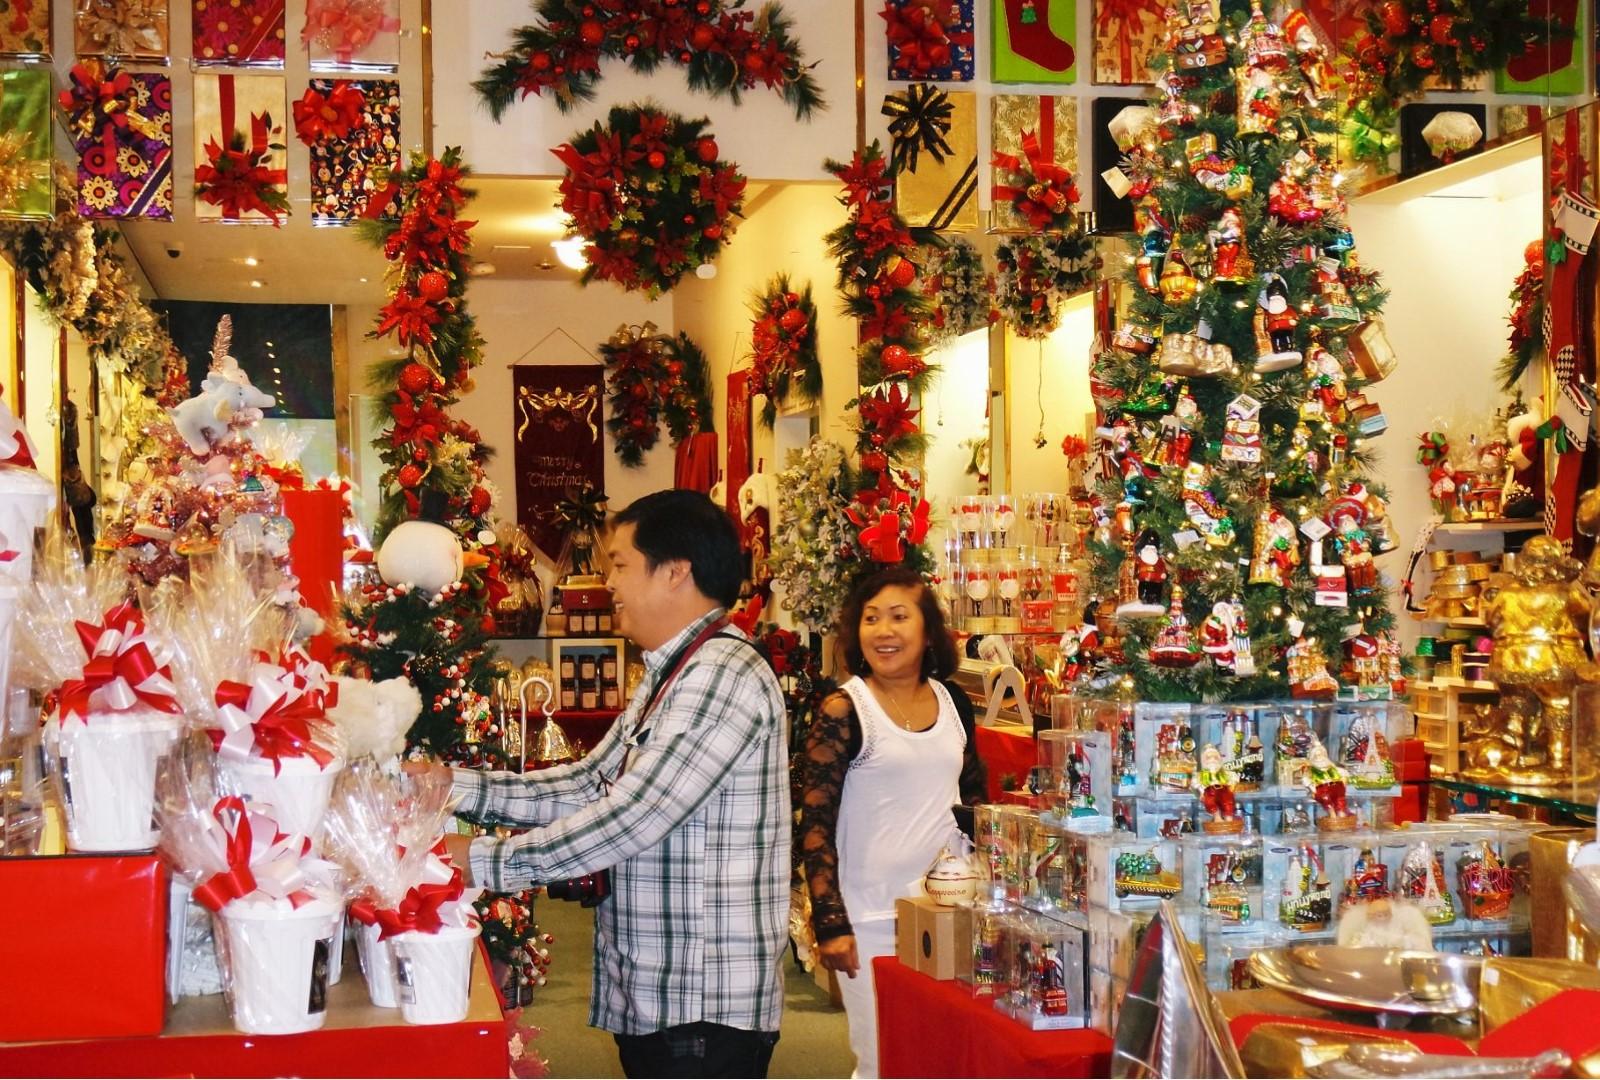 Địa điểm vui chơi Giáng sinh (Noel) 2016 tại Hà Nội hấp dẫn nhất - Ảnh 2